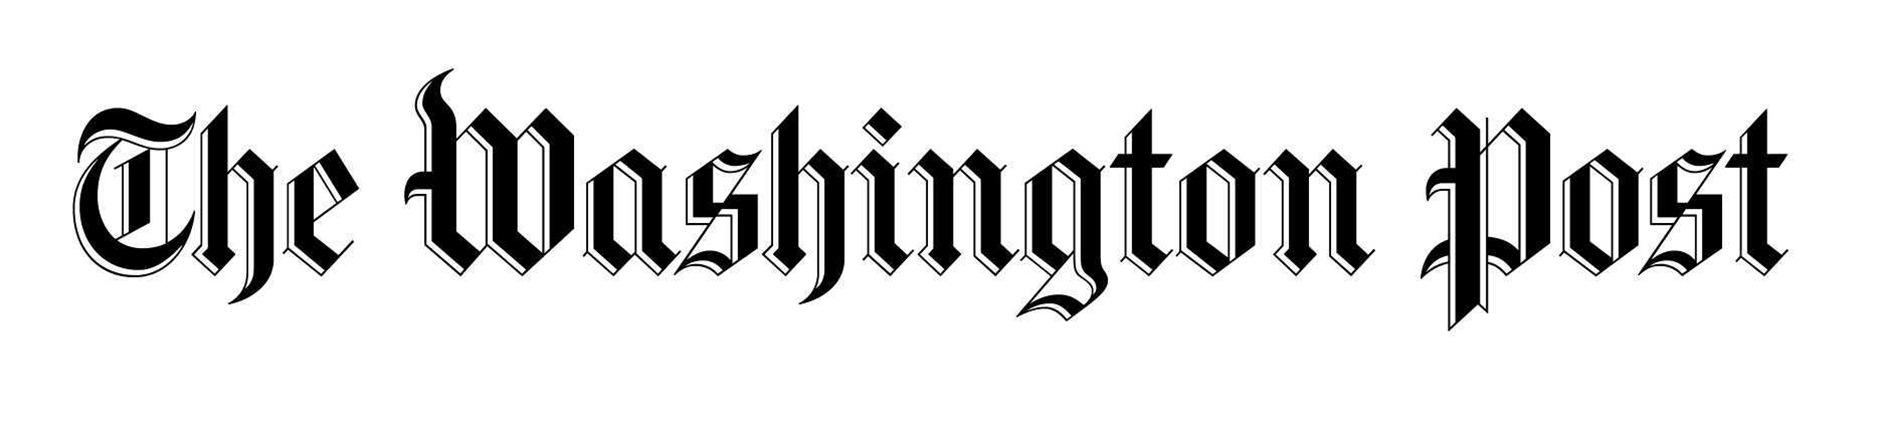 5d3e1fc7cab21f53f46271da_Washington-Post-logo